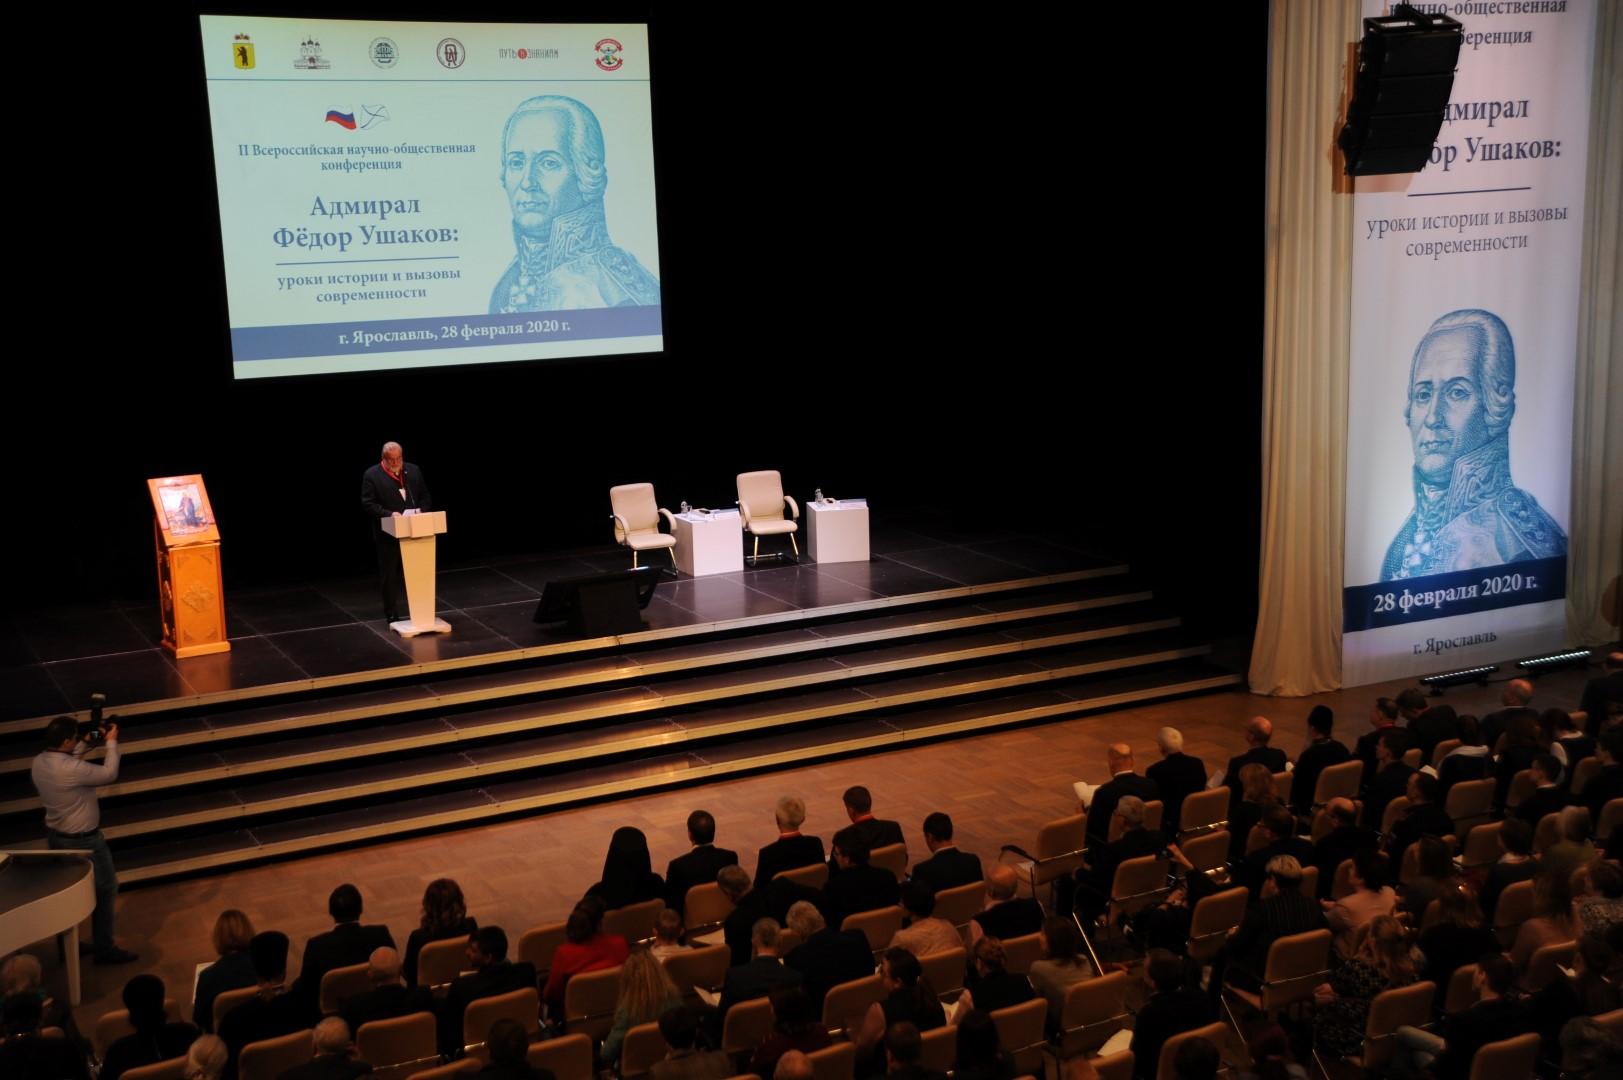 В Ярославле прошла всероссийская конференция, посвященная 275-летию Федора Ушакова